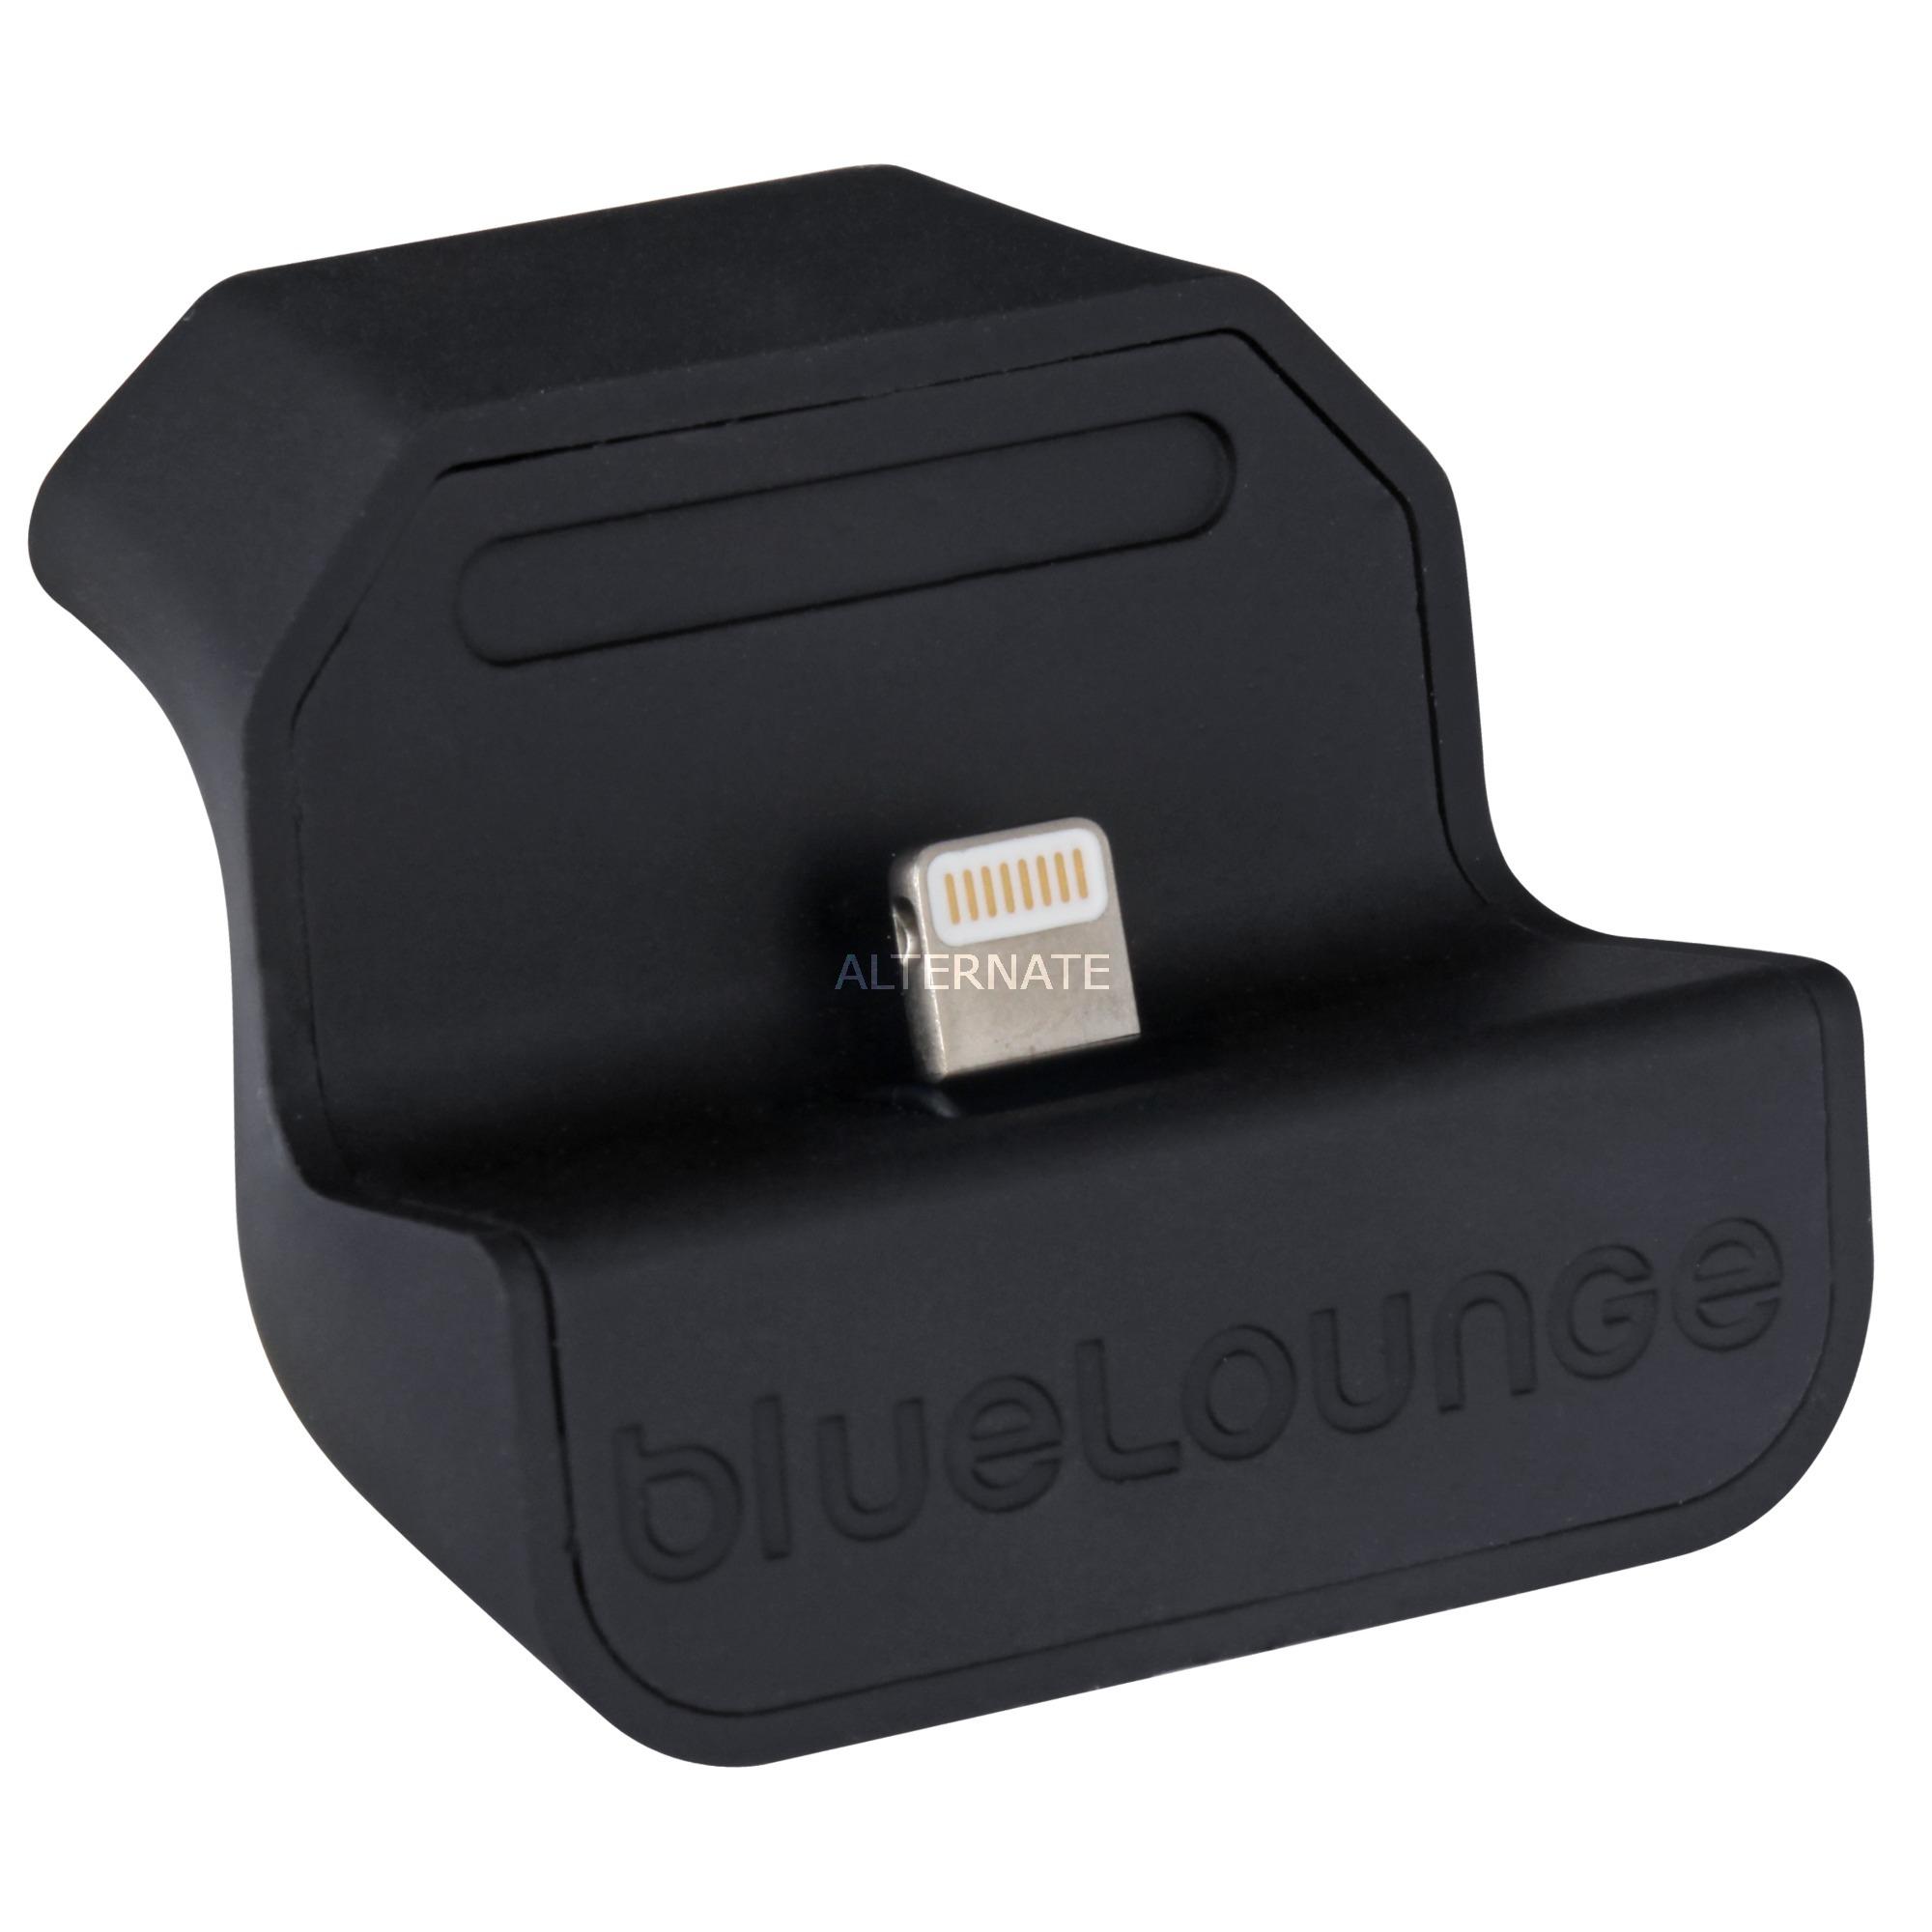 MD-EU-L Auto Negro cargador de dispositivo móvil, Estación de acoplamiento